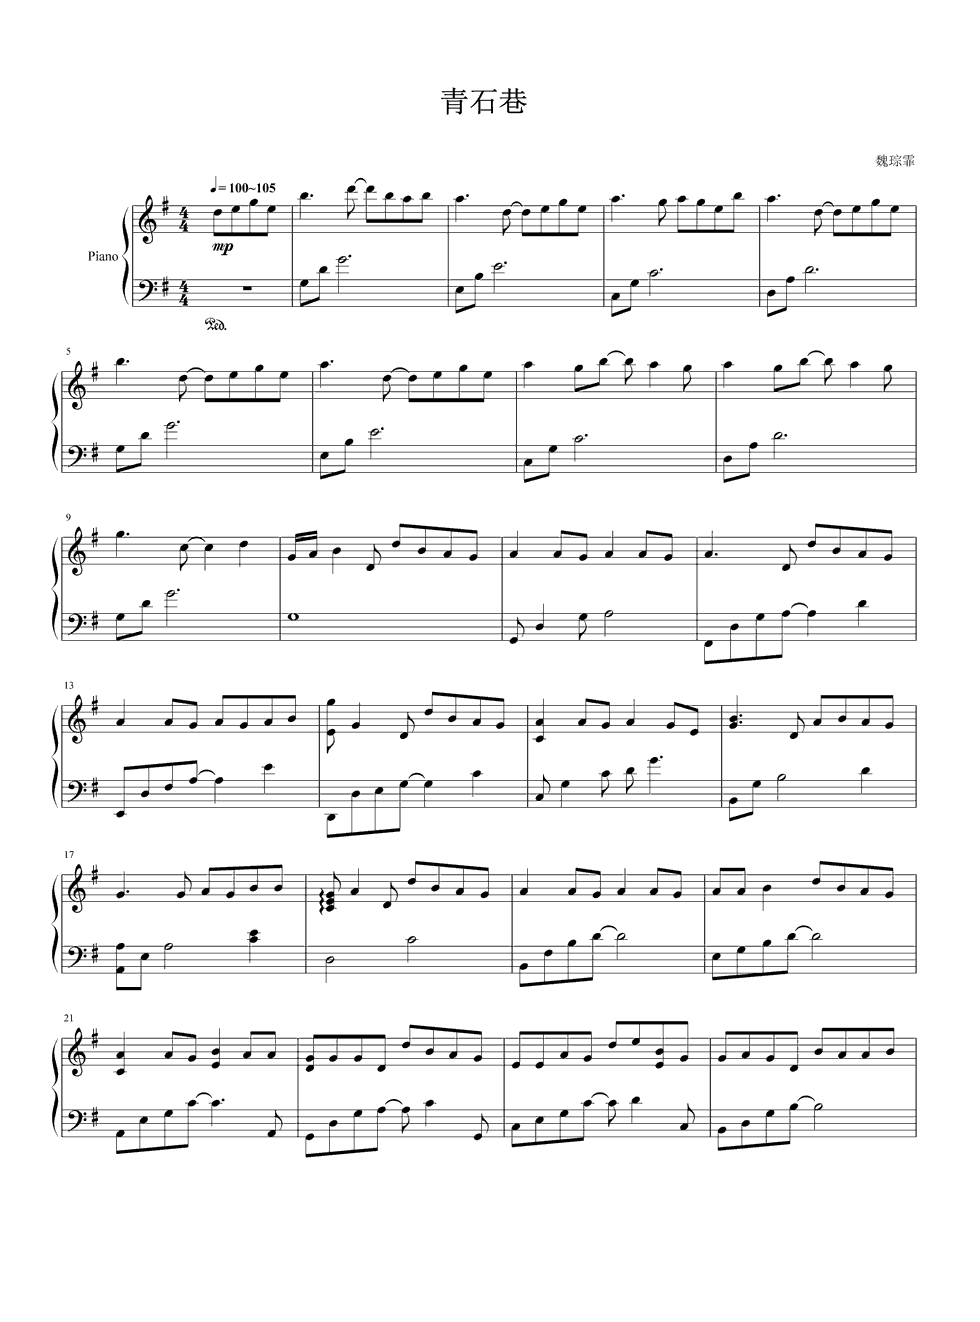 谁有钢琴数字简谱青石巷